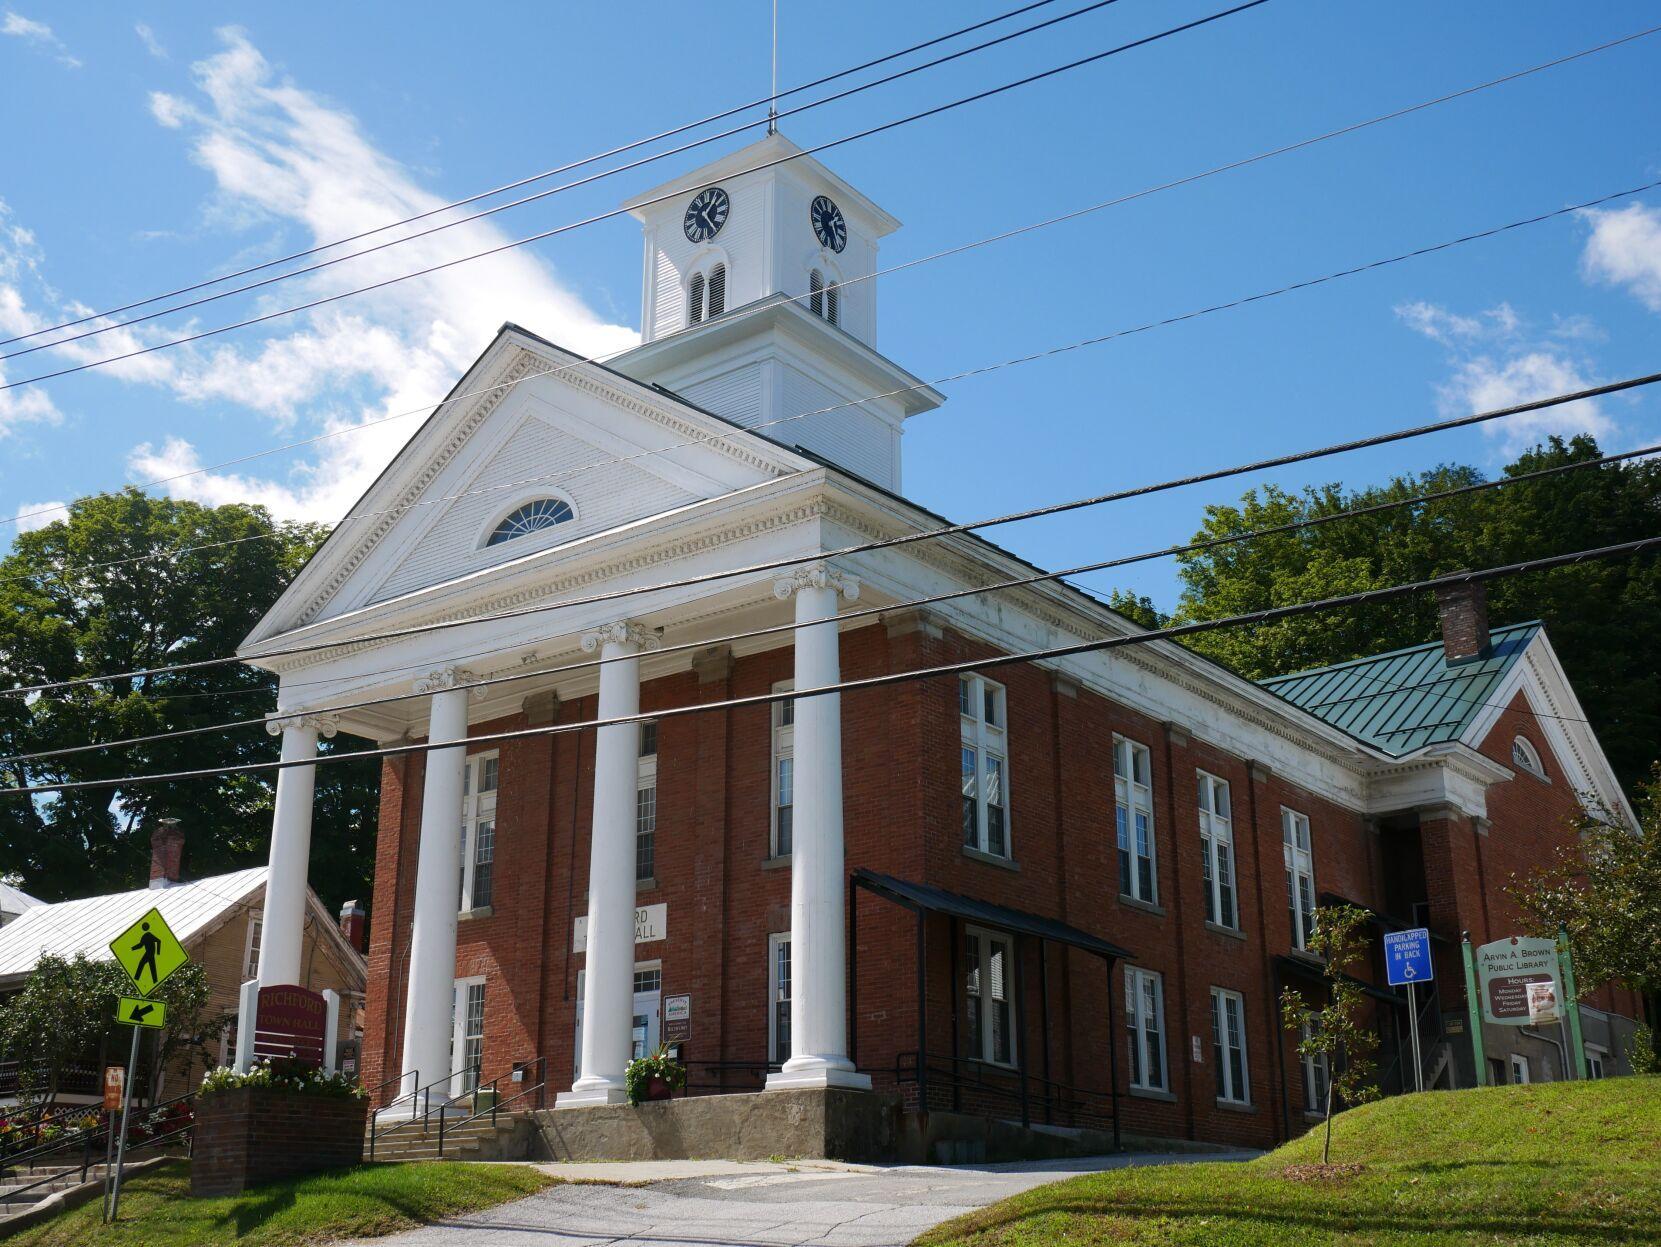 Richford Town Hall, Richford, 8-28-2020